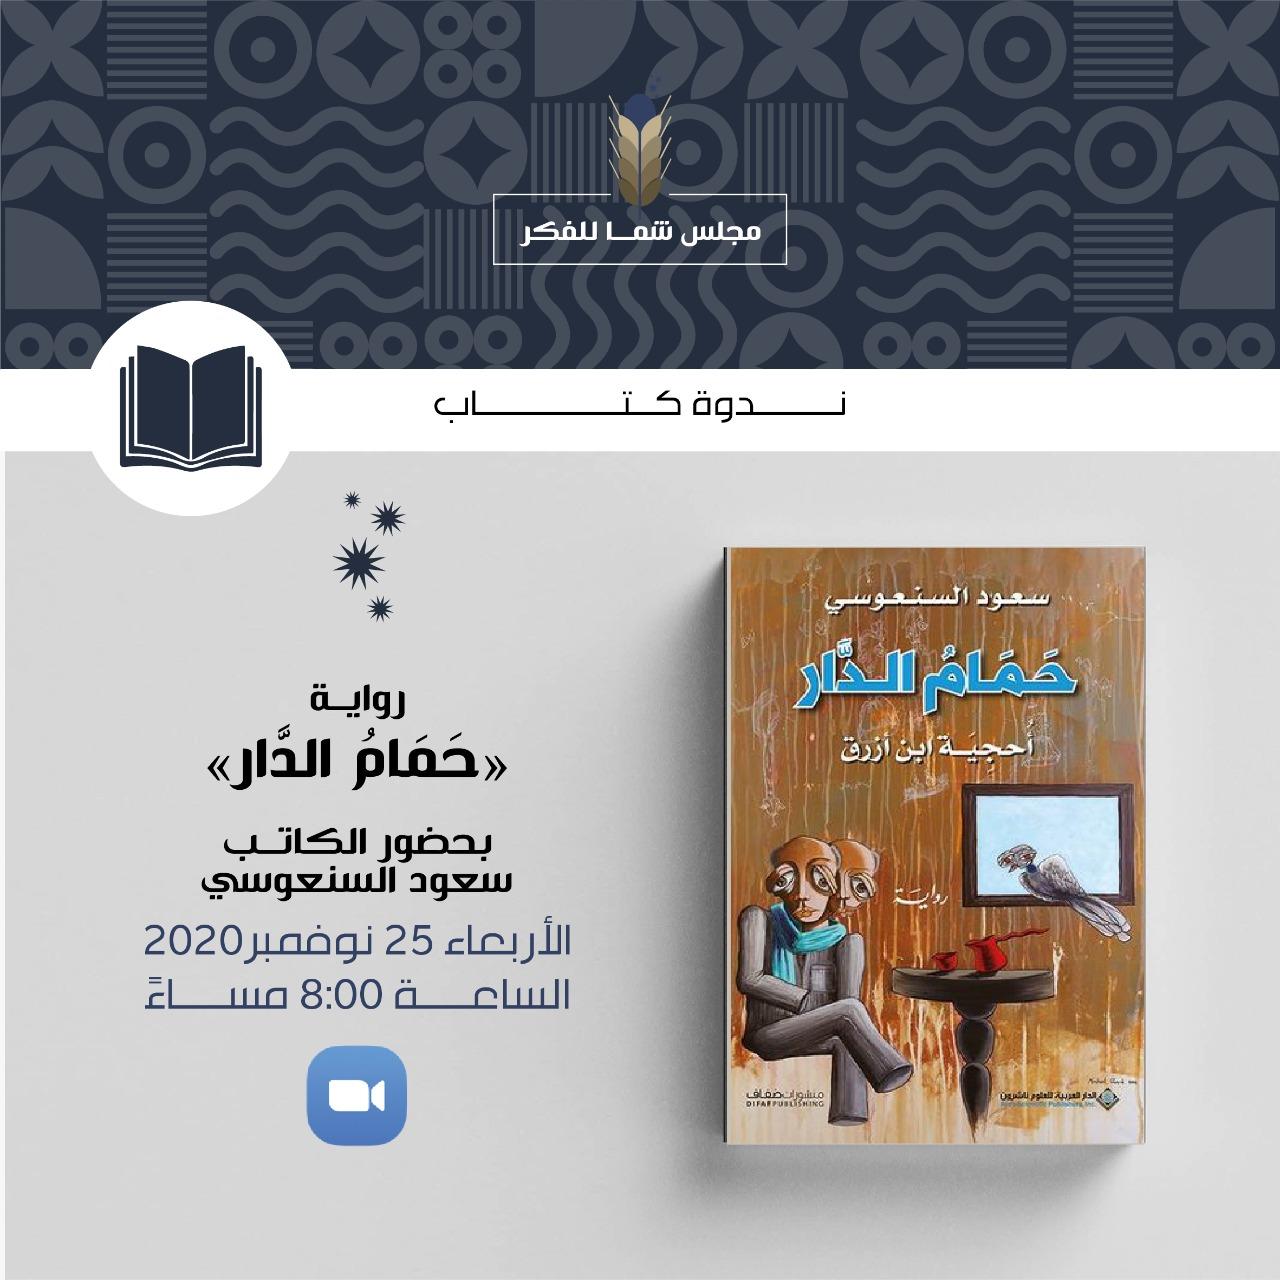 مجلس شما بنت محمد للفكر يناقش رواية